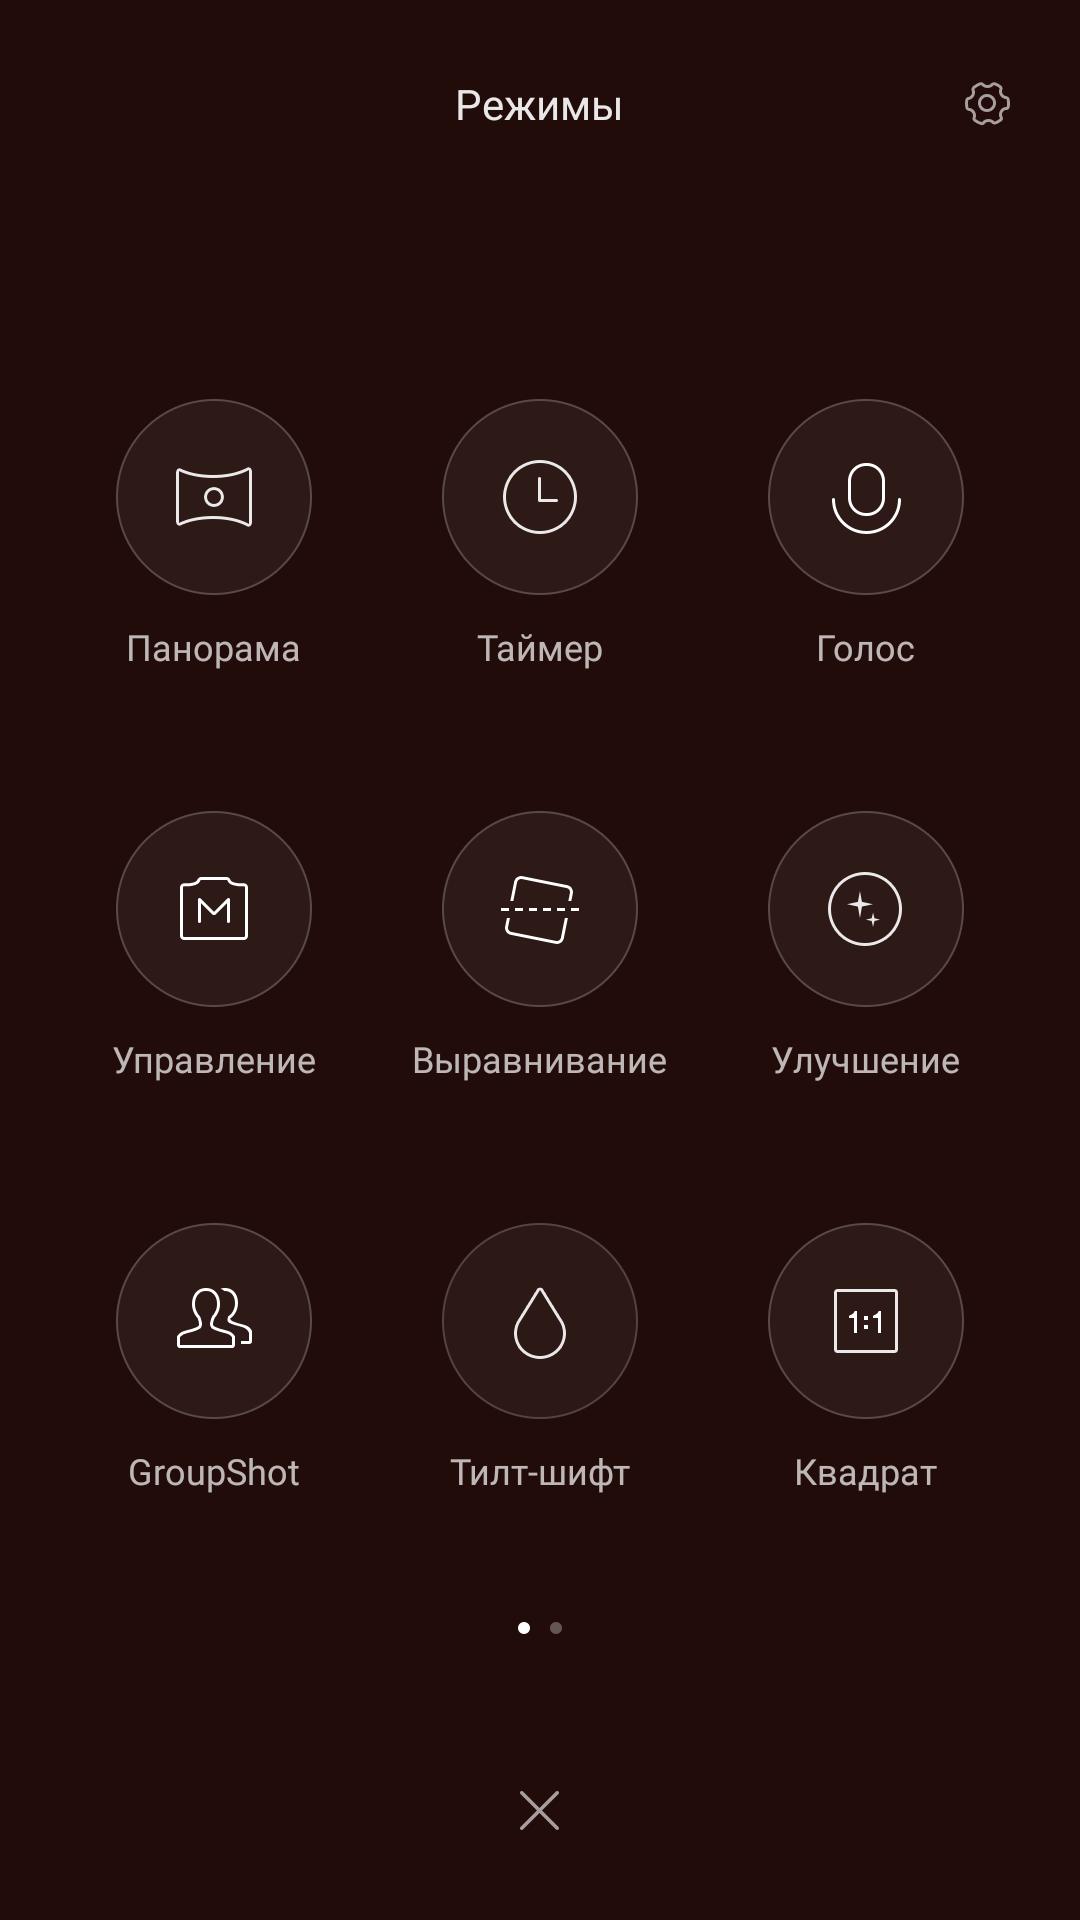 Обзор смартфонов Xiaomi Mi5s и Mi5s Plus